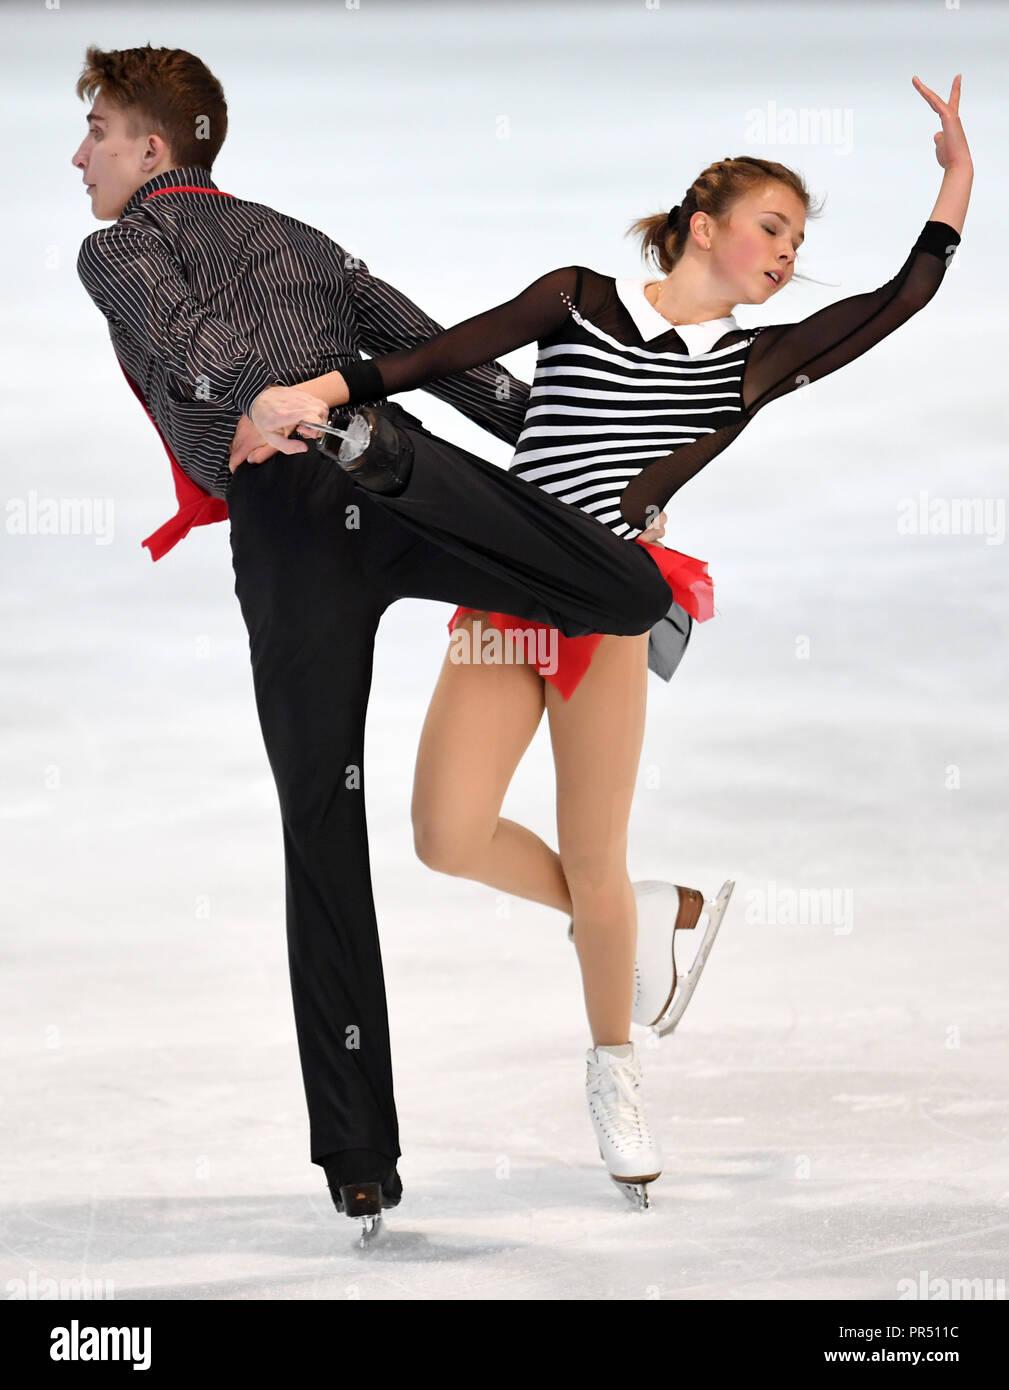 Russische Paare Eiskunstlauf-Dating